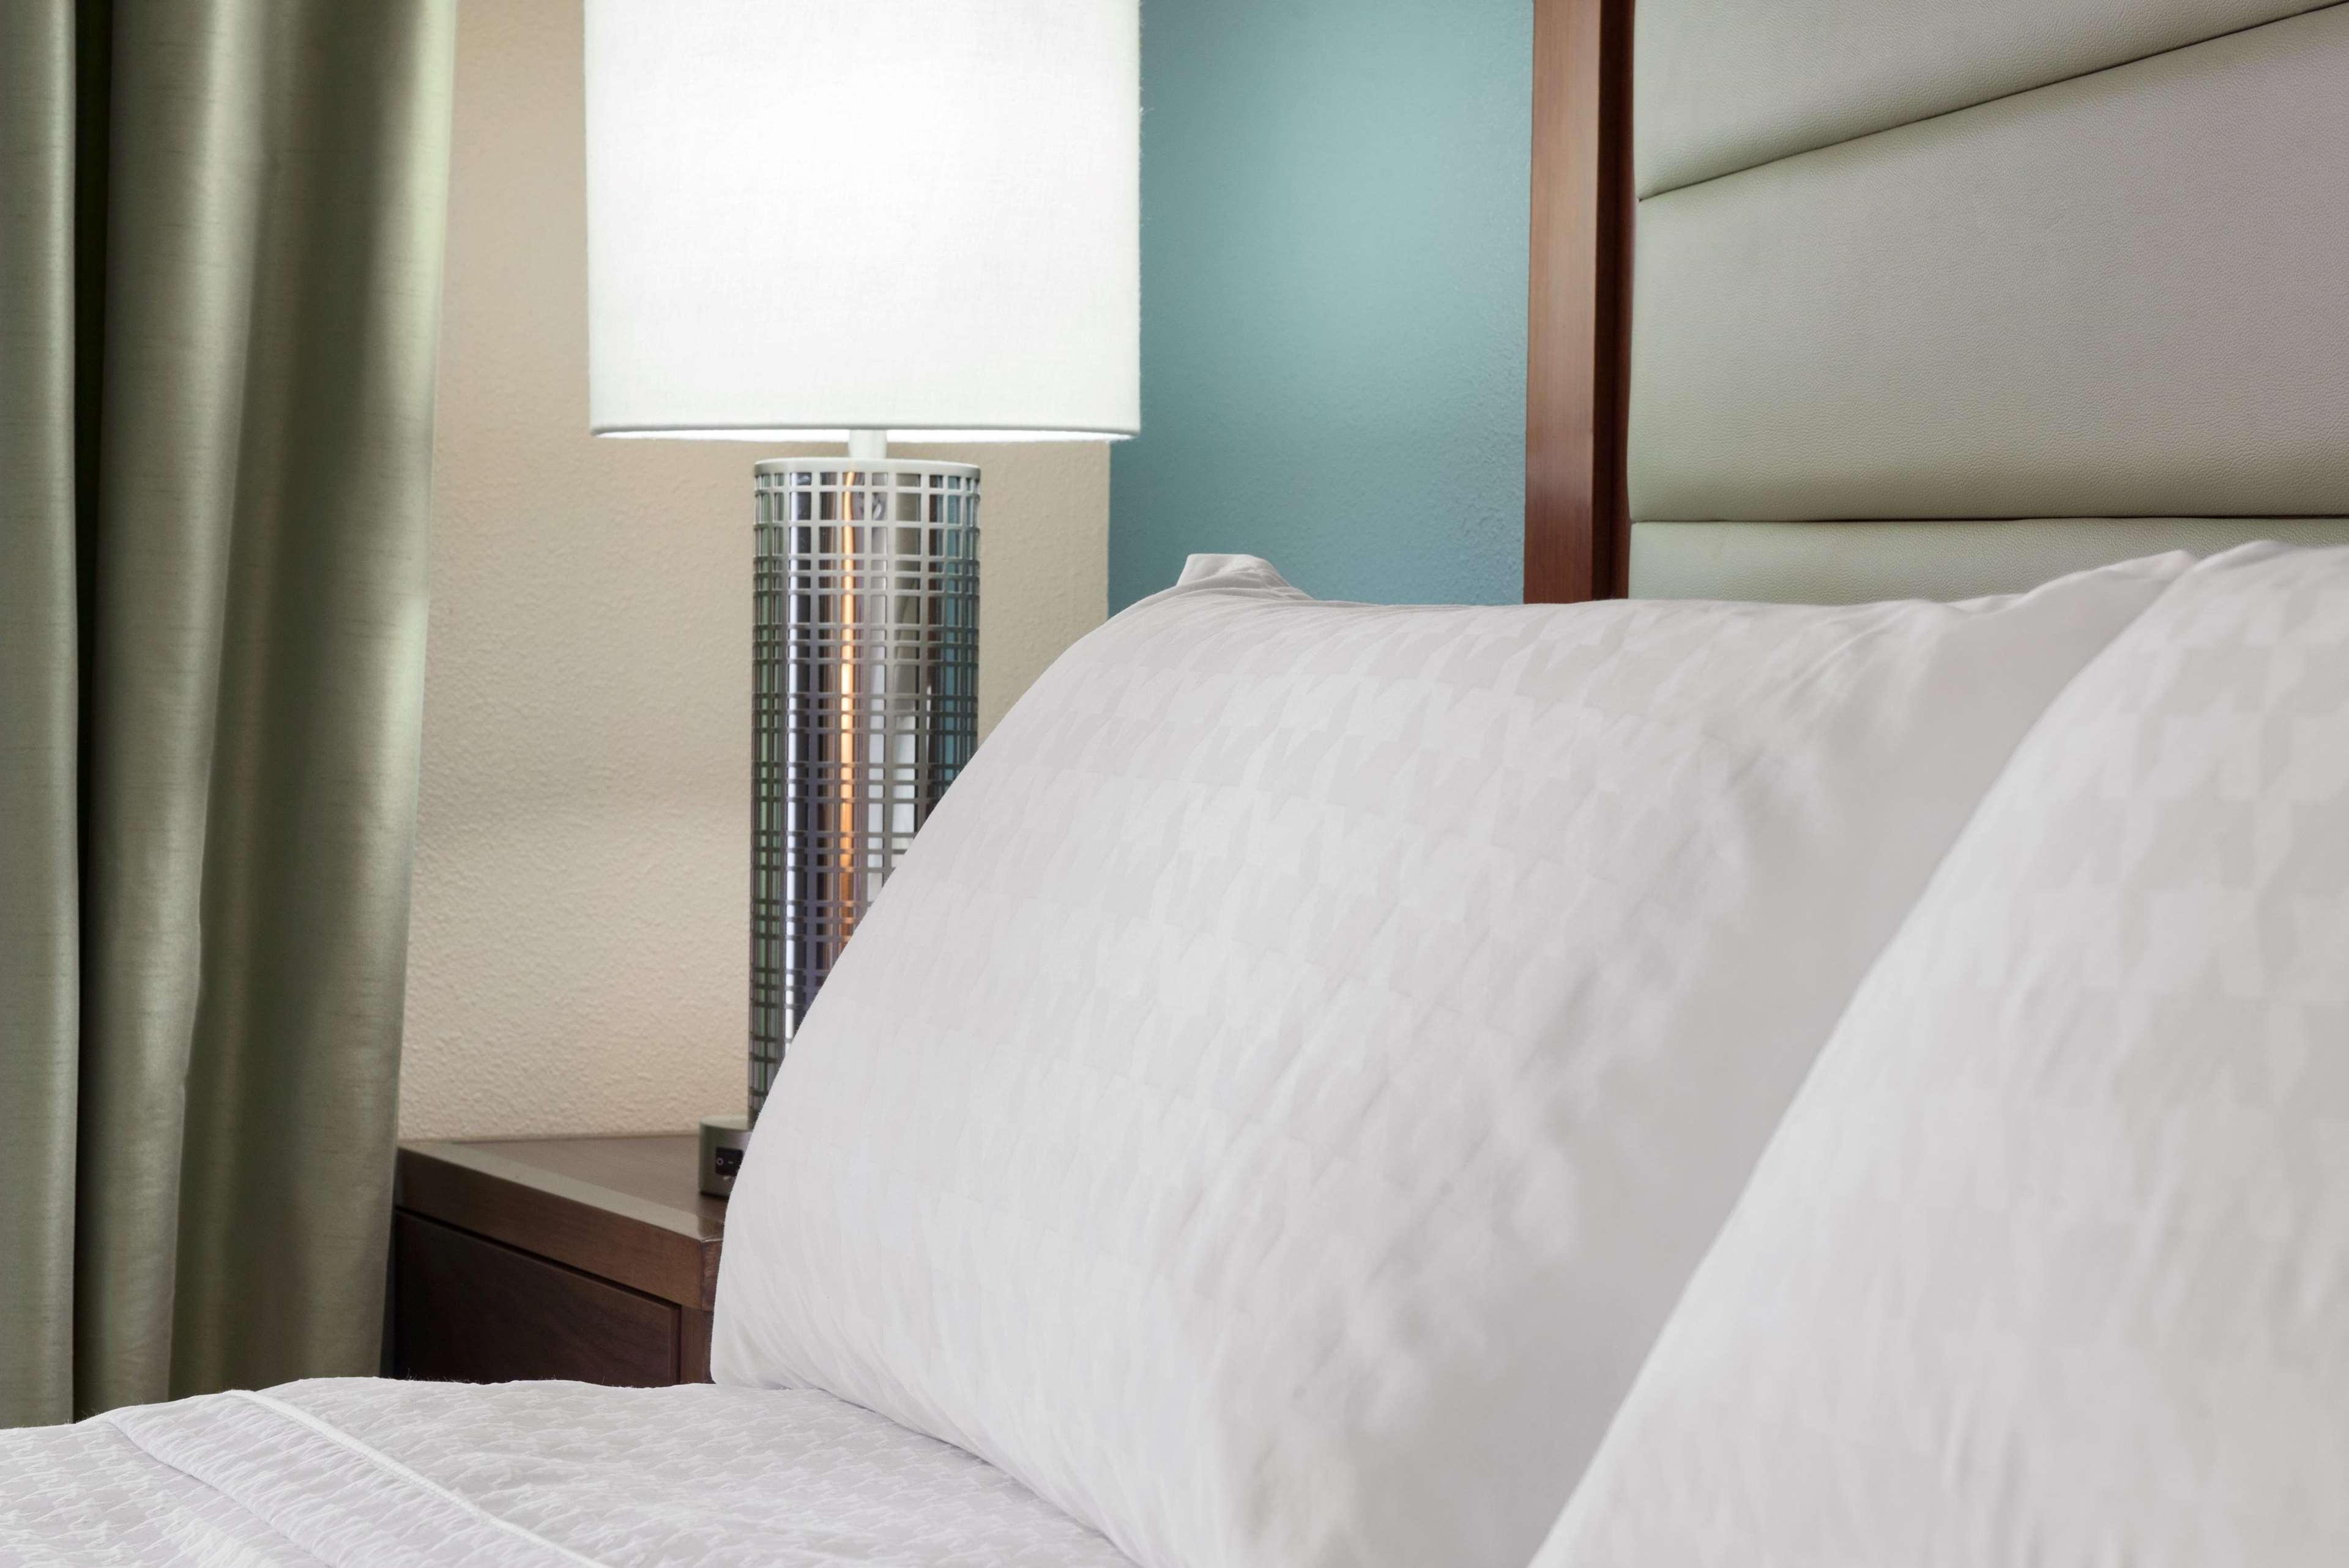 Homewood Suites by Hilton Charleston - Mt. Pleasant image 32